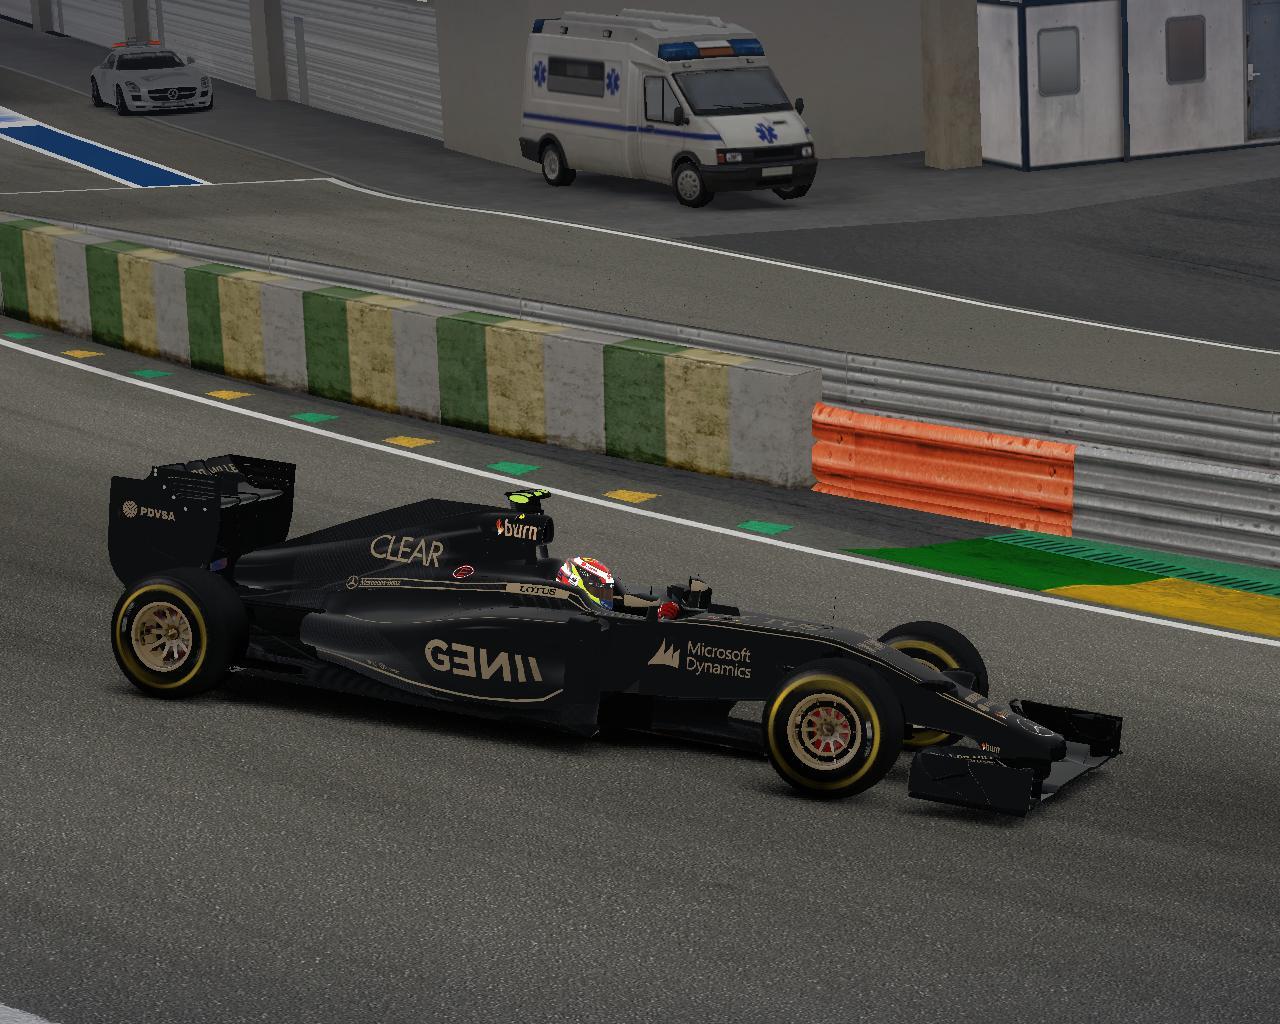 F1_2014 2015-01-22 17-57-11-47.jpg